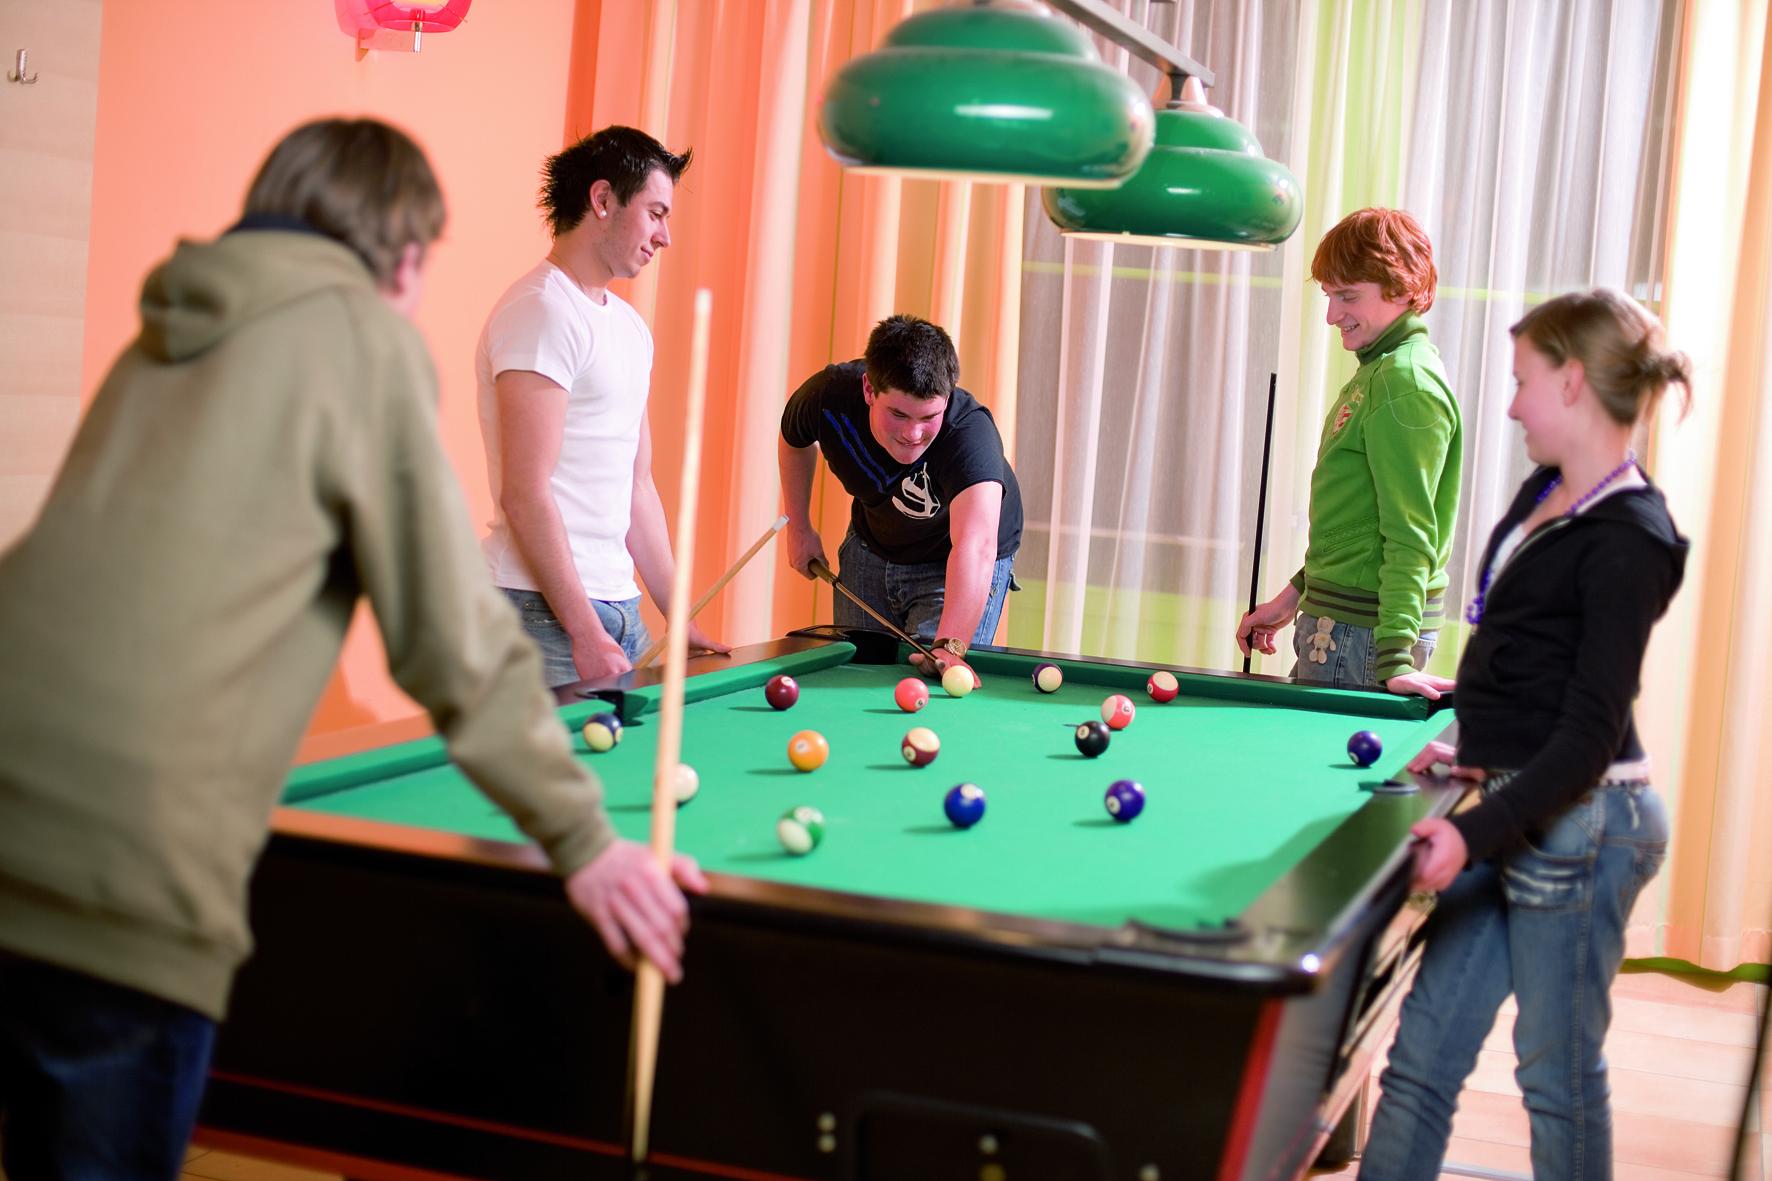 Sie sehen einen Billardtisch mit Teenagern die Billard spielen.Die Zeit spielend und abwechslungsreich verbringen im JUFA Hotel Wipptal. Der Ort für erholsamen Familienurlaub und einen unvergesslichen Winter- und Wanderurlaub.